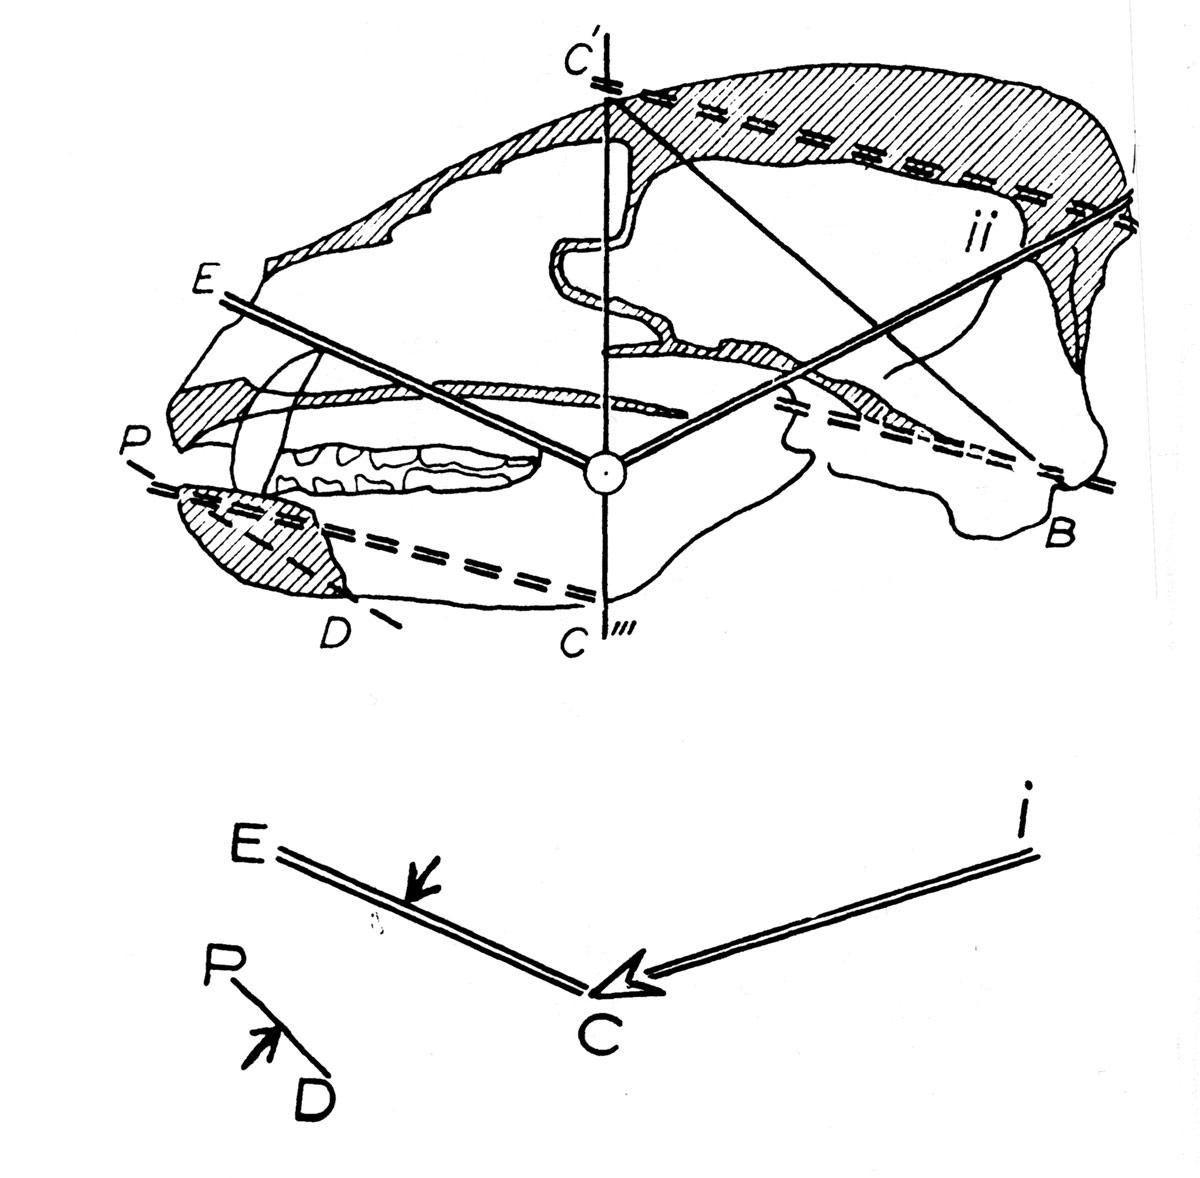 Fig. 11. Analyse des tracés du crâne du blaireau. Tracé d'appui. La symphise P-D correspond, dans l'ensemble P-D-I, à un couple de flexion et son importance comme appui est proportionnelle à l'importance des actions sur les dents antérieures. Elle est en « résonnance » mécanique avec une partie du plancher basillaire.